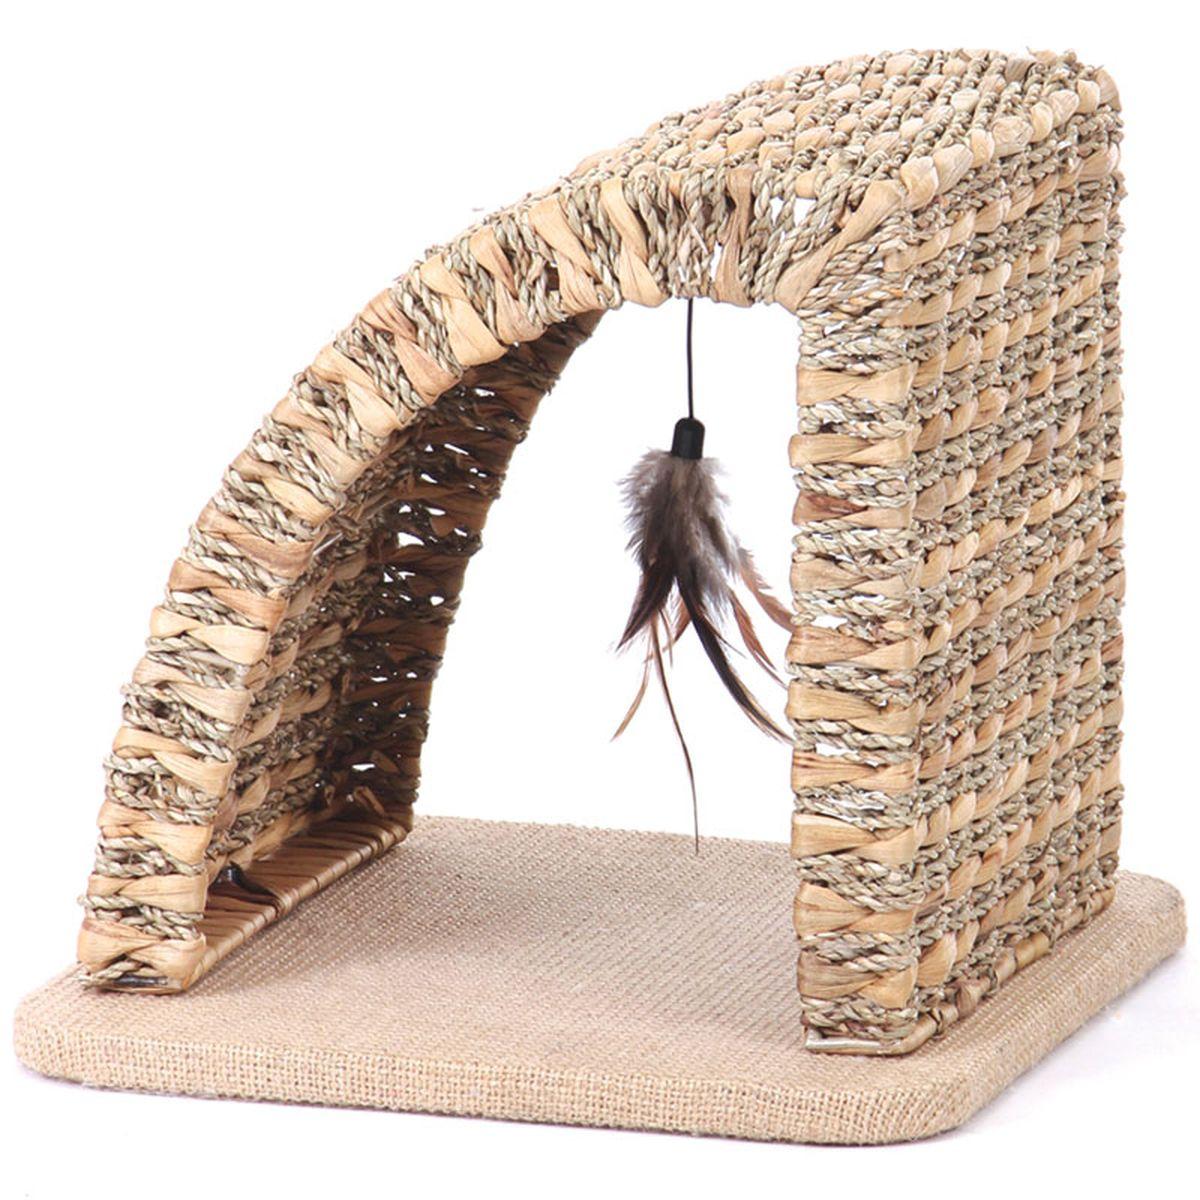 Когтеточка Triol Арка, 35 х 35 х 32 смCT26Коллекция изделий для животных Triol Eco - это лучшие товары из натуральных природных материалов для Ваших питомцев. Triol Eco - это экологичность, безопасность, лаконичный стиль. Радость для Ваших маленьких друзей и украшение дома для Вас. Когтеточка - незаменимая вещь для сохранности мебели в квартире и удовлетворения естественных потребностей кошки. Когтеточка для кошек Triol выполнена из природного экологического материала, арочная форма позволит киске вытянуться во весь рост, чтобы поточить коготки. Для дополнительной привлекательности когтеточка имеет игрушку - подвешенную кисточку из пёрышек. Если Вы не хотите прибивать на стену традиционную когтеточку (кошки обдирают обои вокруг неё, она портит общую картину интерьера и пр.), то напольная когтеточка - лучший выход из положения. Когтеточка для кошек в виде арки полностью удовлетворит потребности кошки поиграть и поточить когти. Камыш: - За счет трубчатой структуры материала легко проветривается; - Выдерживает большие перепады...